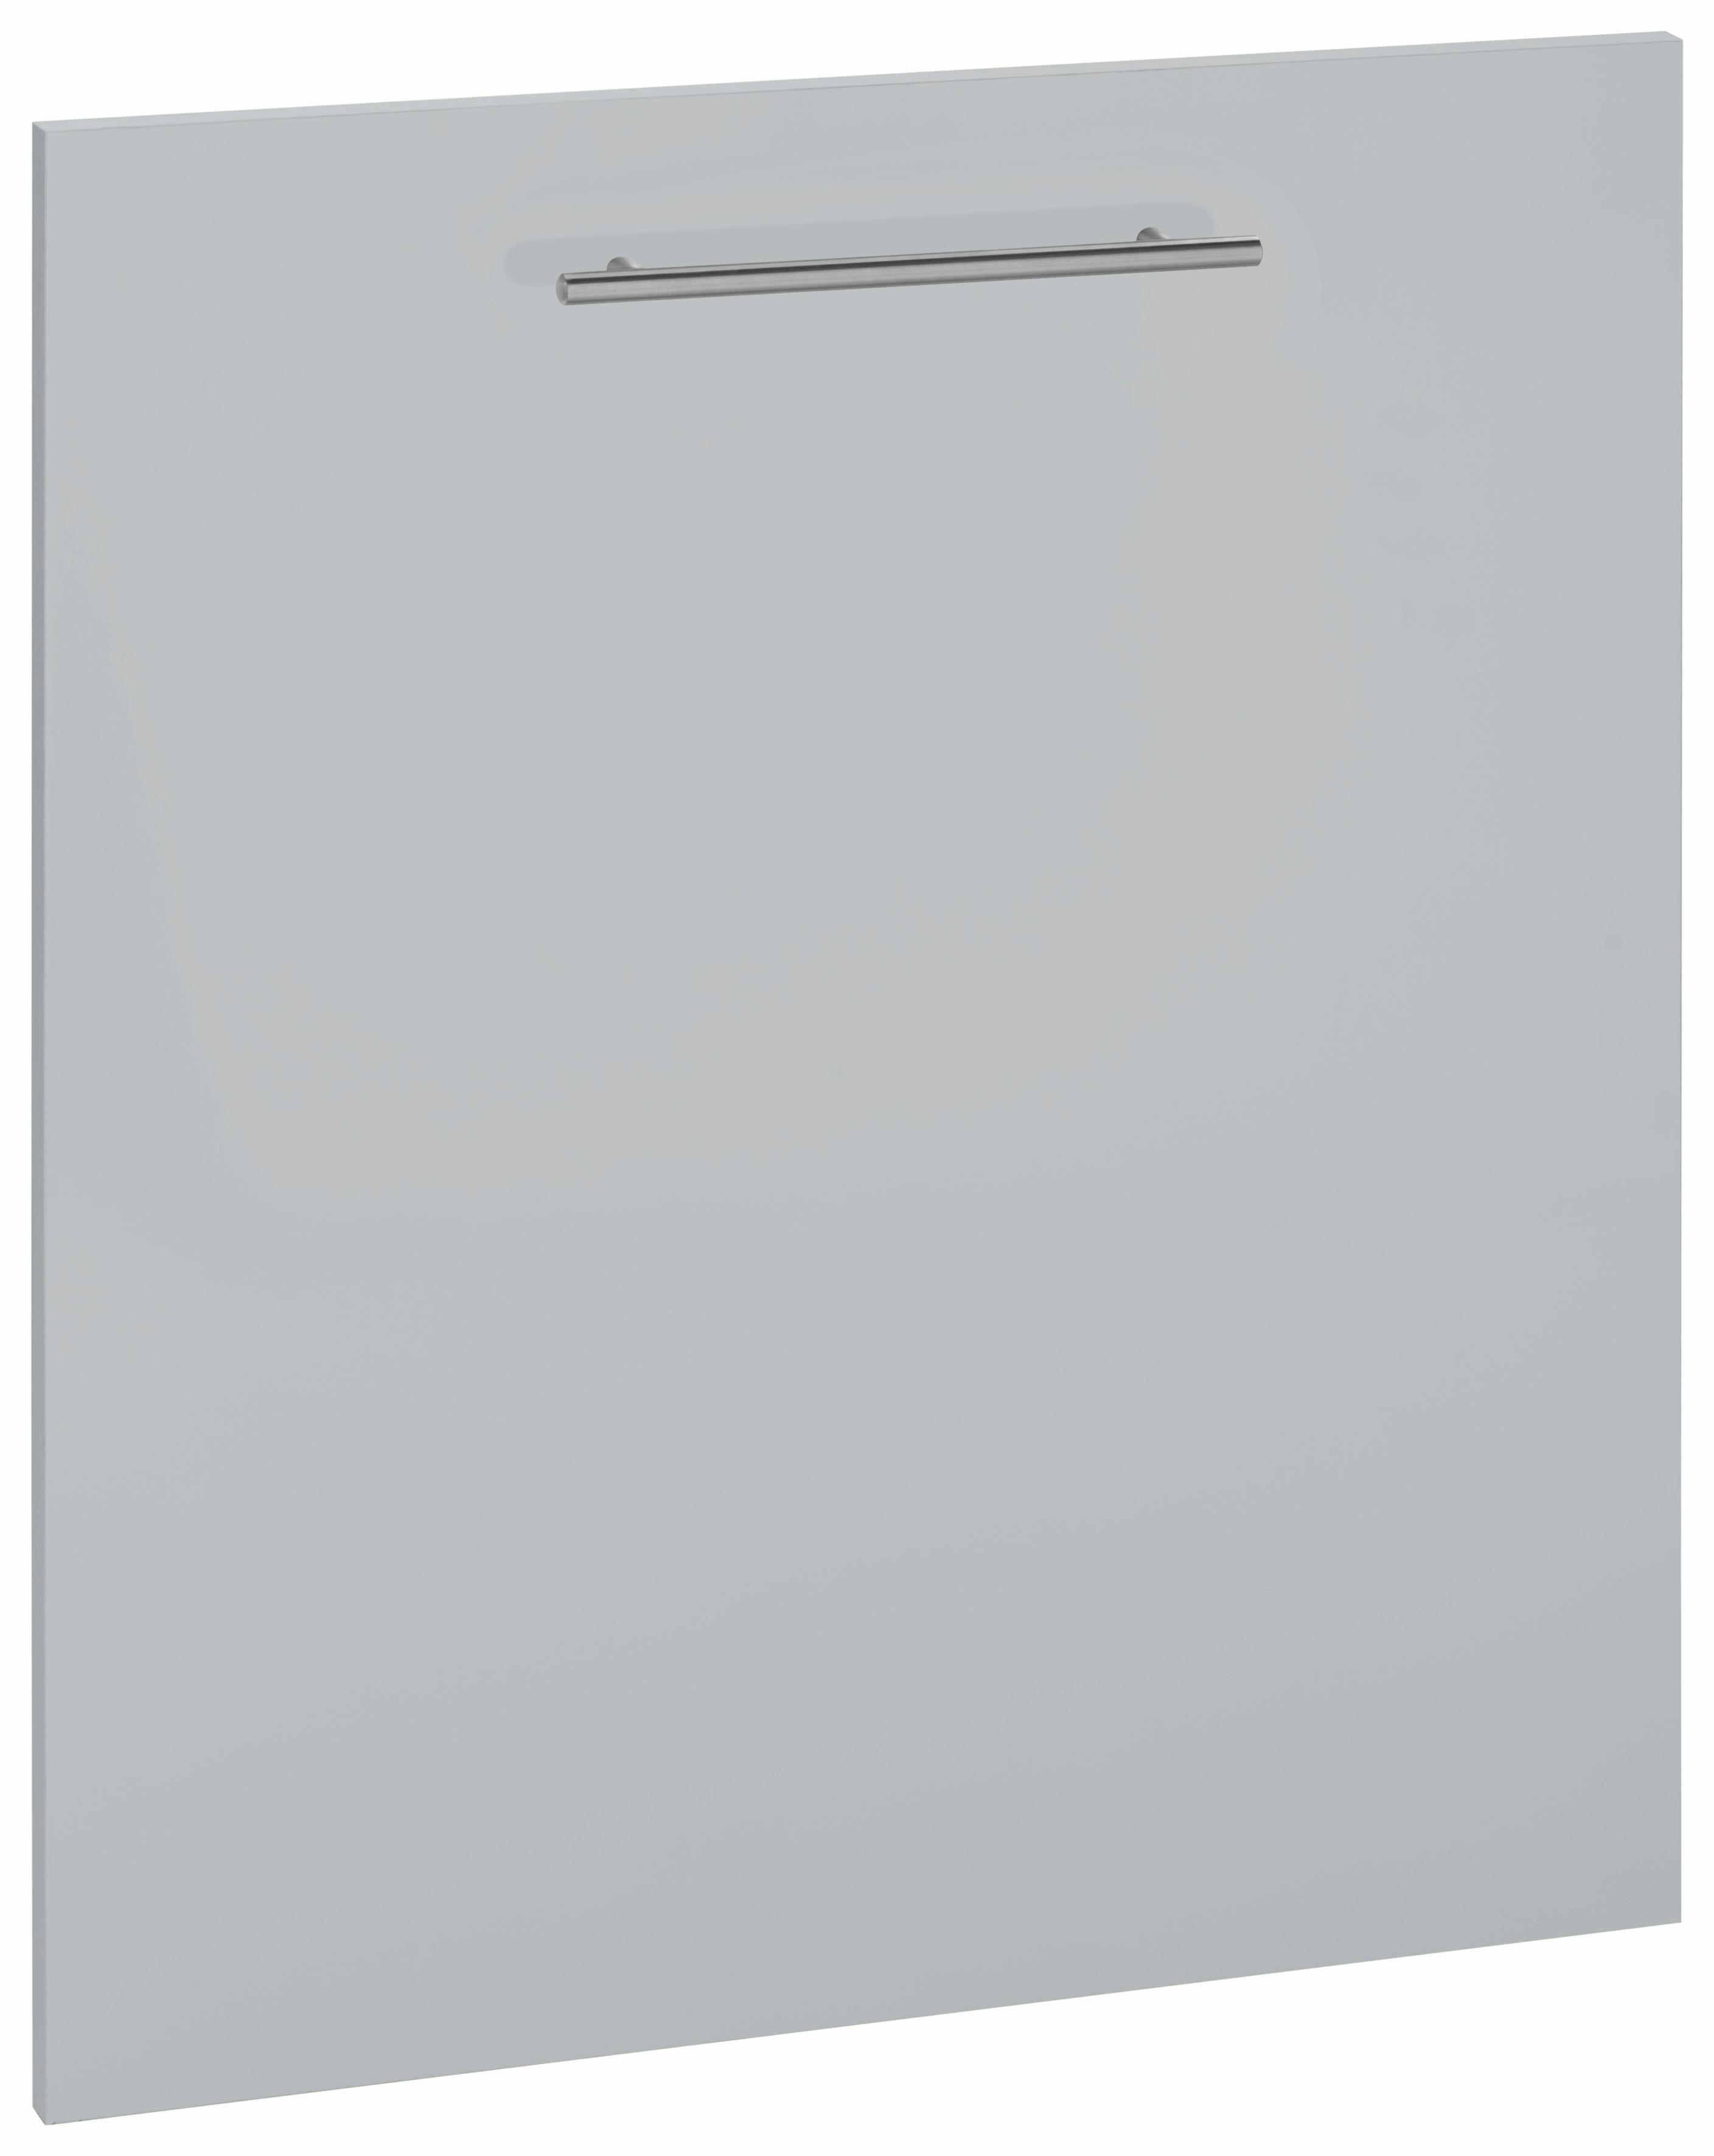 Wiho Küchen Tür/Griff für vollintegrierten Geschirrspüler »Ela«   Küche und Esszimmer > Küchenelektrogeräte > Gefrierschränke   WIHO KÜCHEN